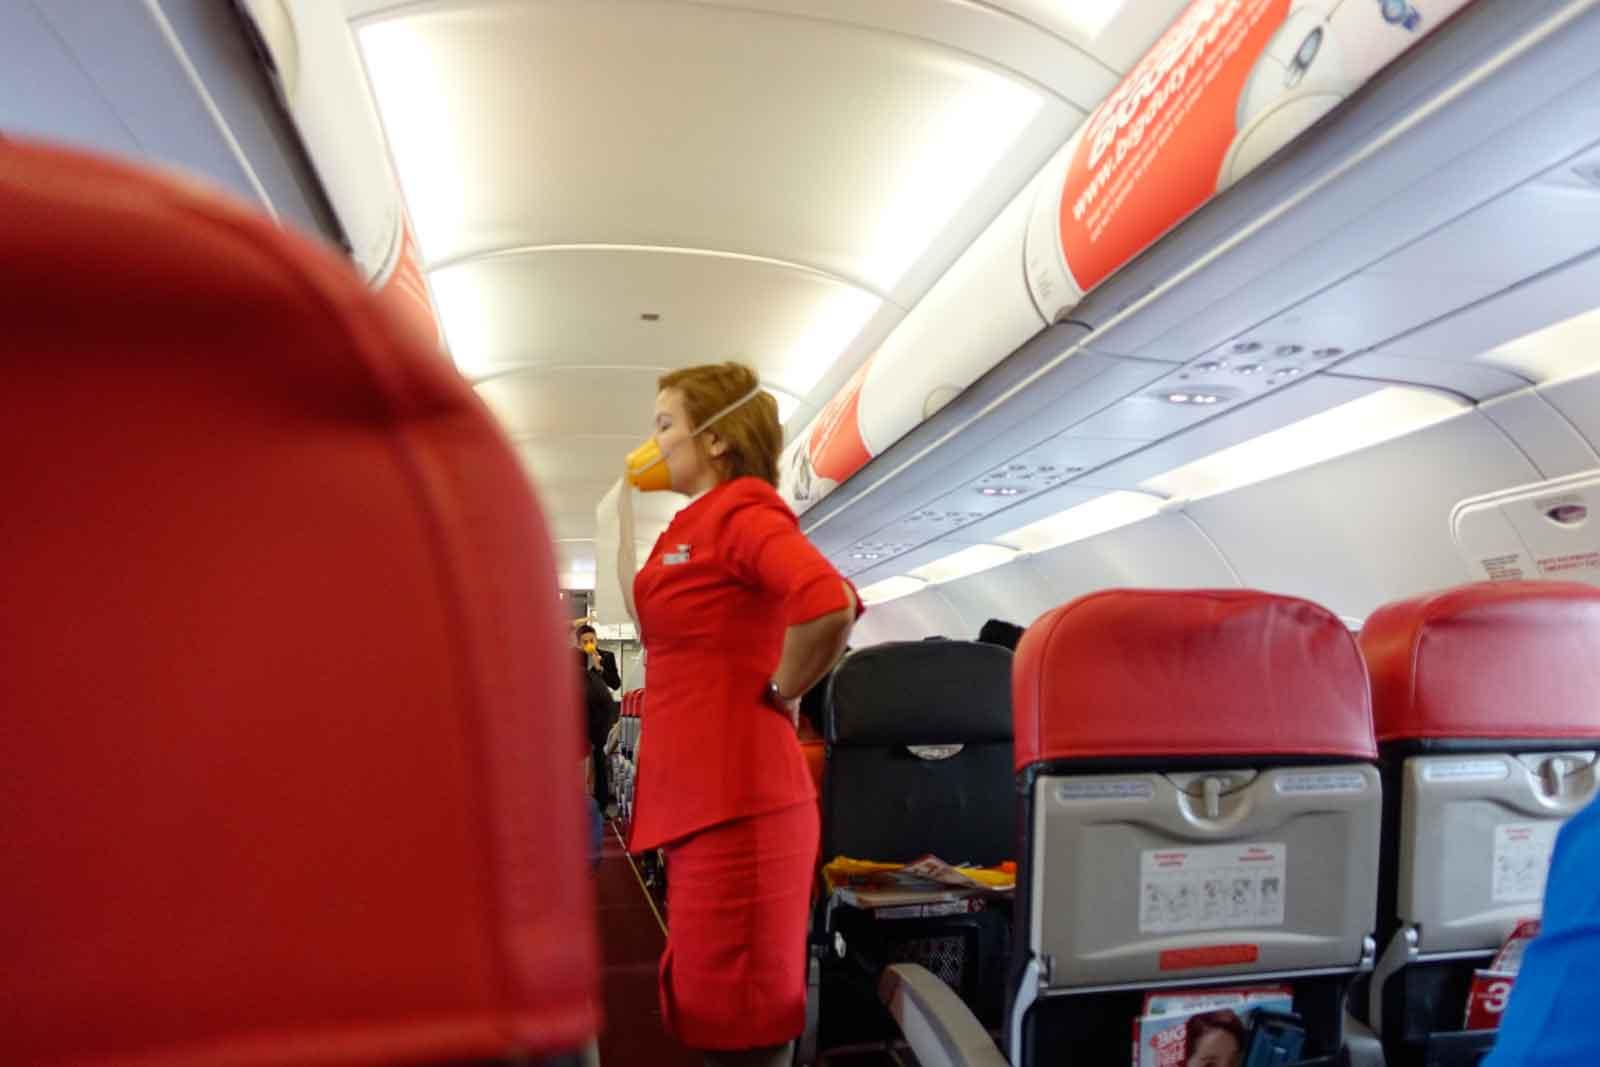 Tanz der Stewardess